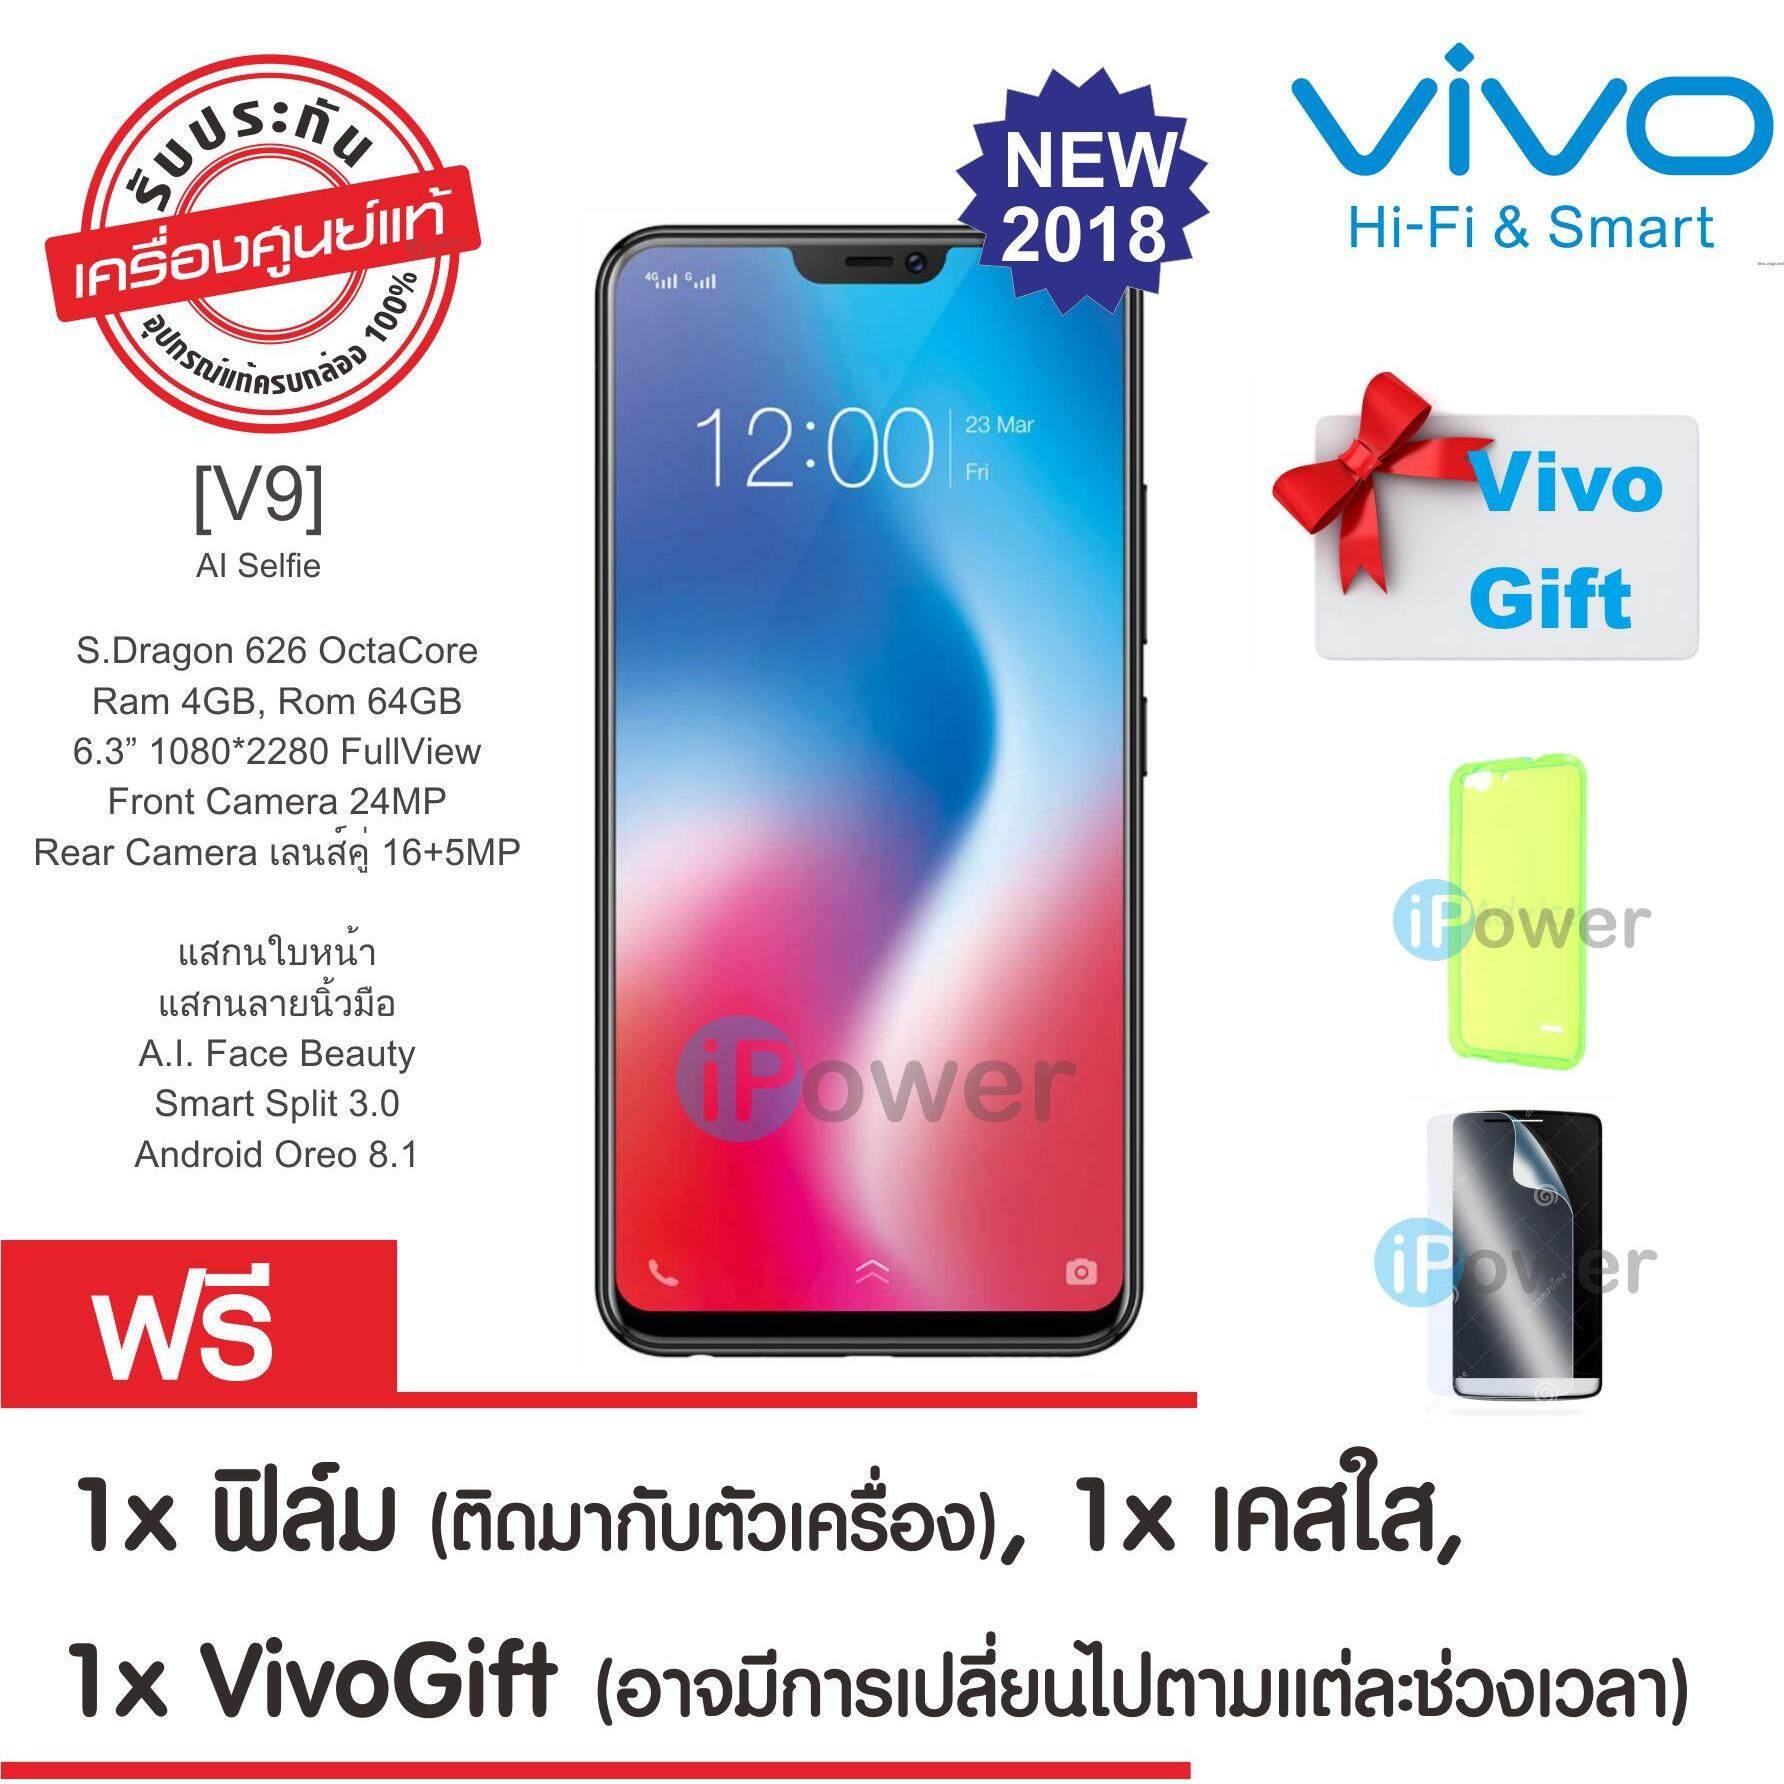 ราคา Vivo V9 Black จอ 6 3นิ้ว เครื่องใหม่ เครื่องแท้ รับประกันศูนย์ แถมฟรีฟิล์มกันกระแทก เคสใส Vivo Gift อาจมีการเปลี่ยนแปลงไปตามแต่ละช่วงเวลา ราคาถูกที่สุด